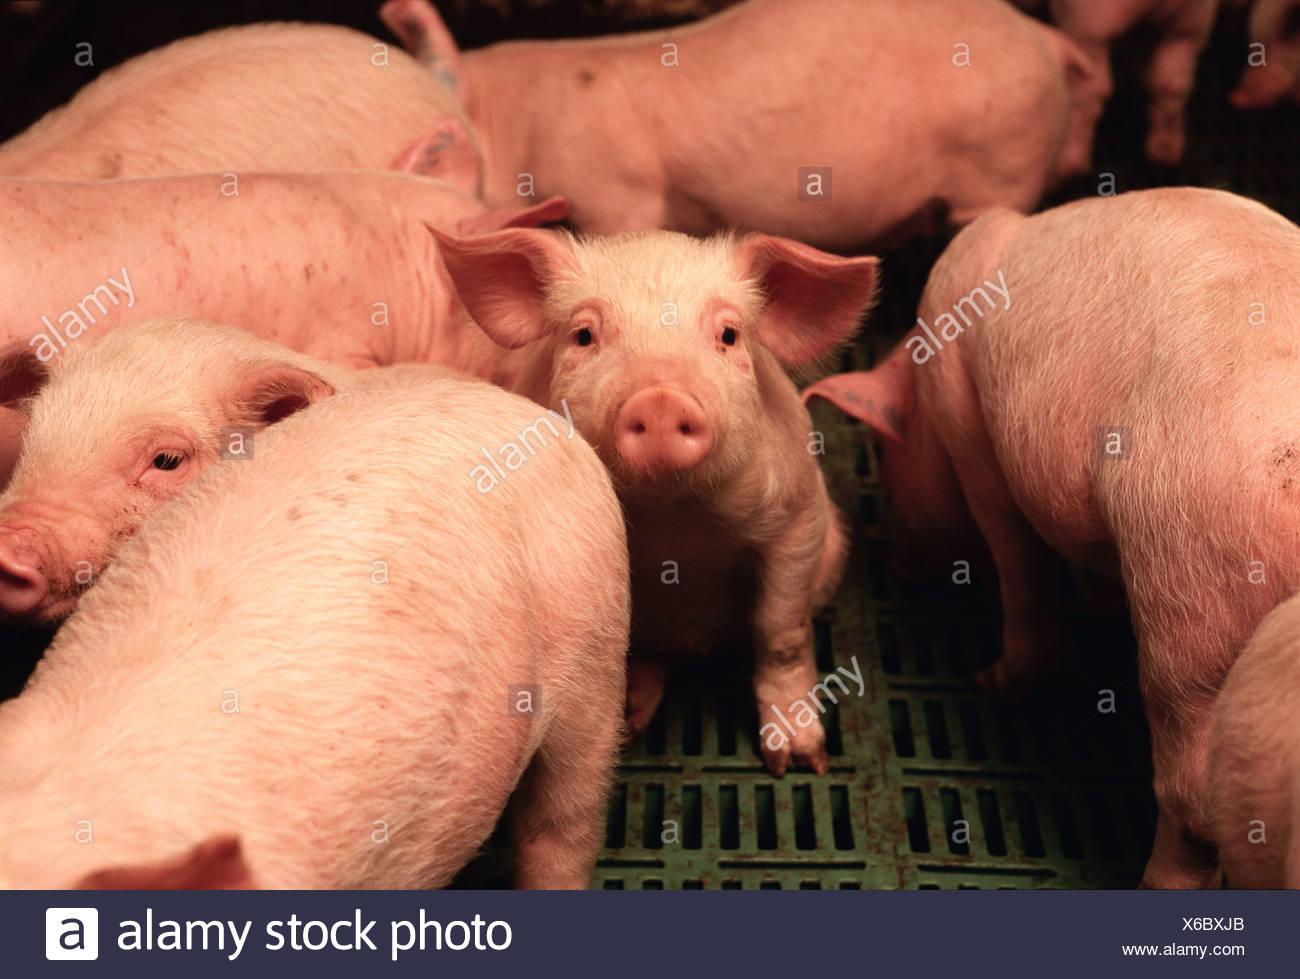 Ganadería - Cerdos en un cerdo una instalación de confinamiento vivero poco después del destete / Iowa, EE.UU. Foto de stock